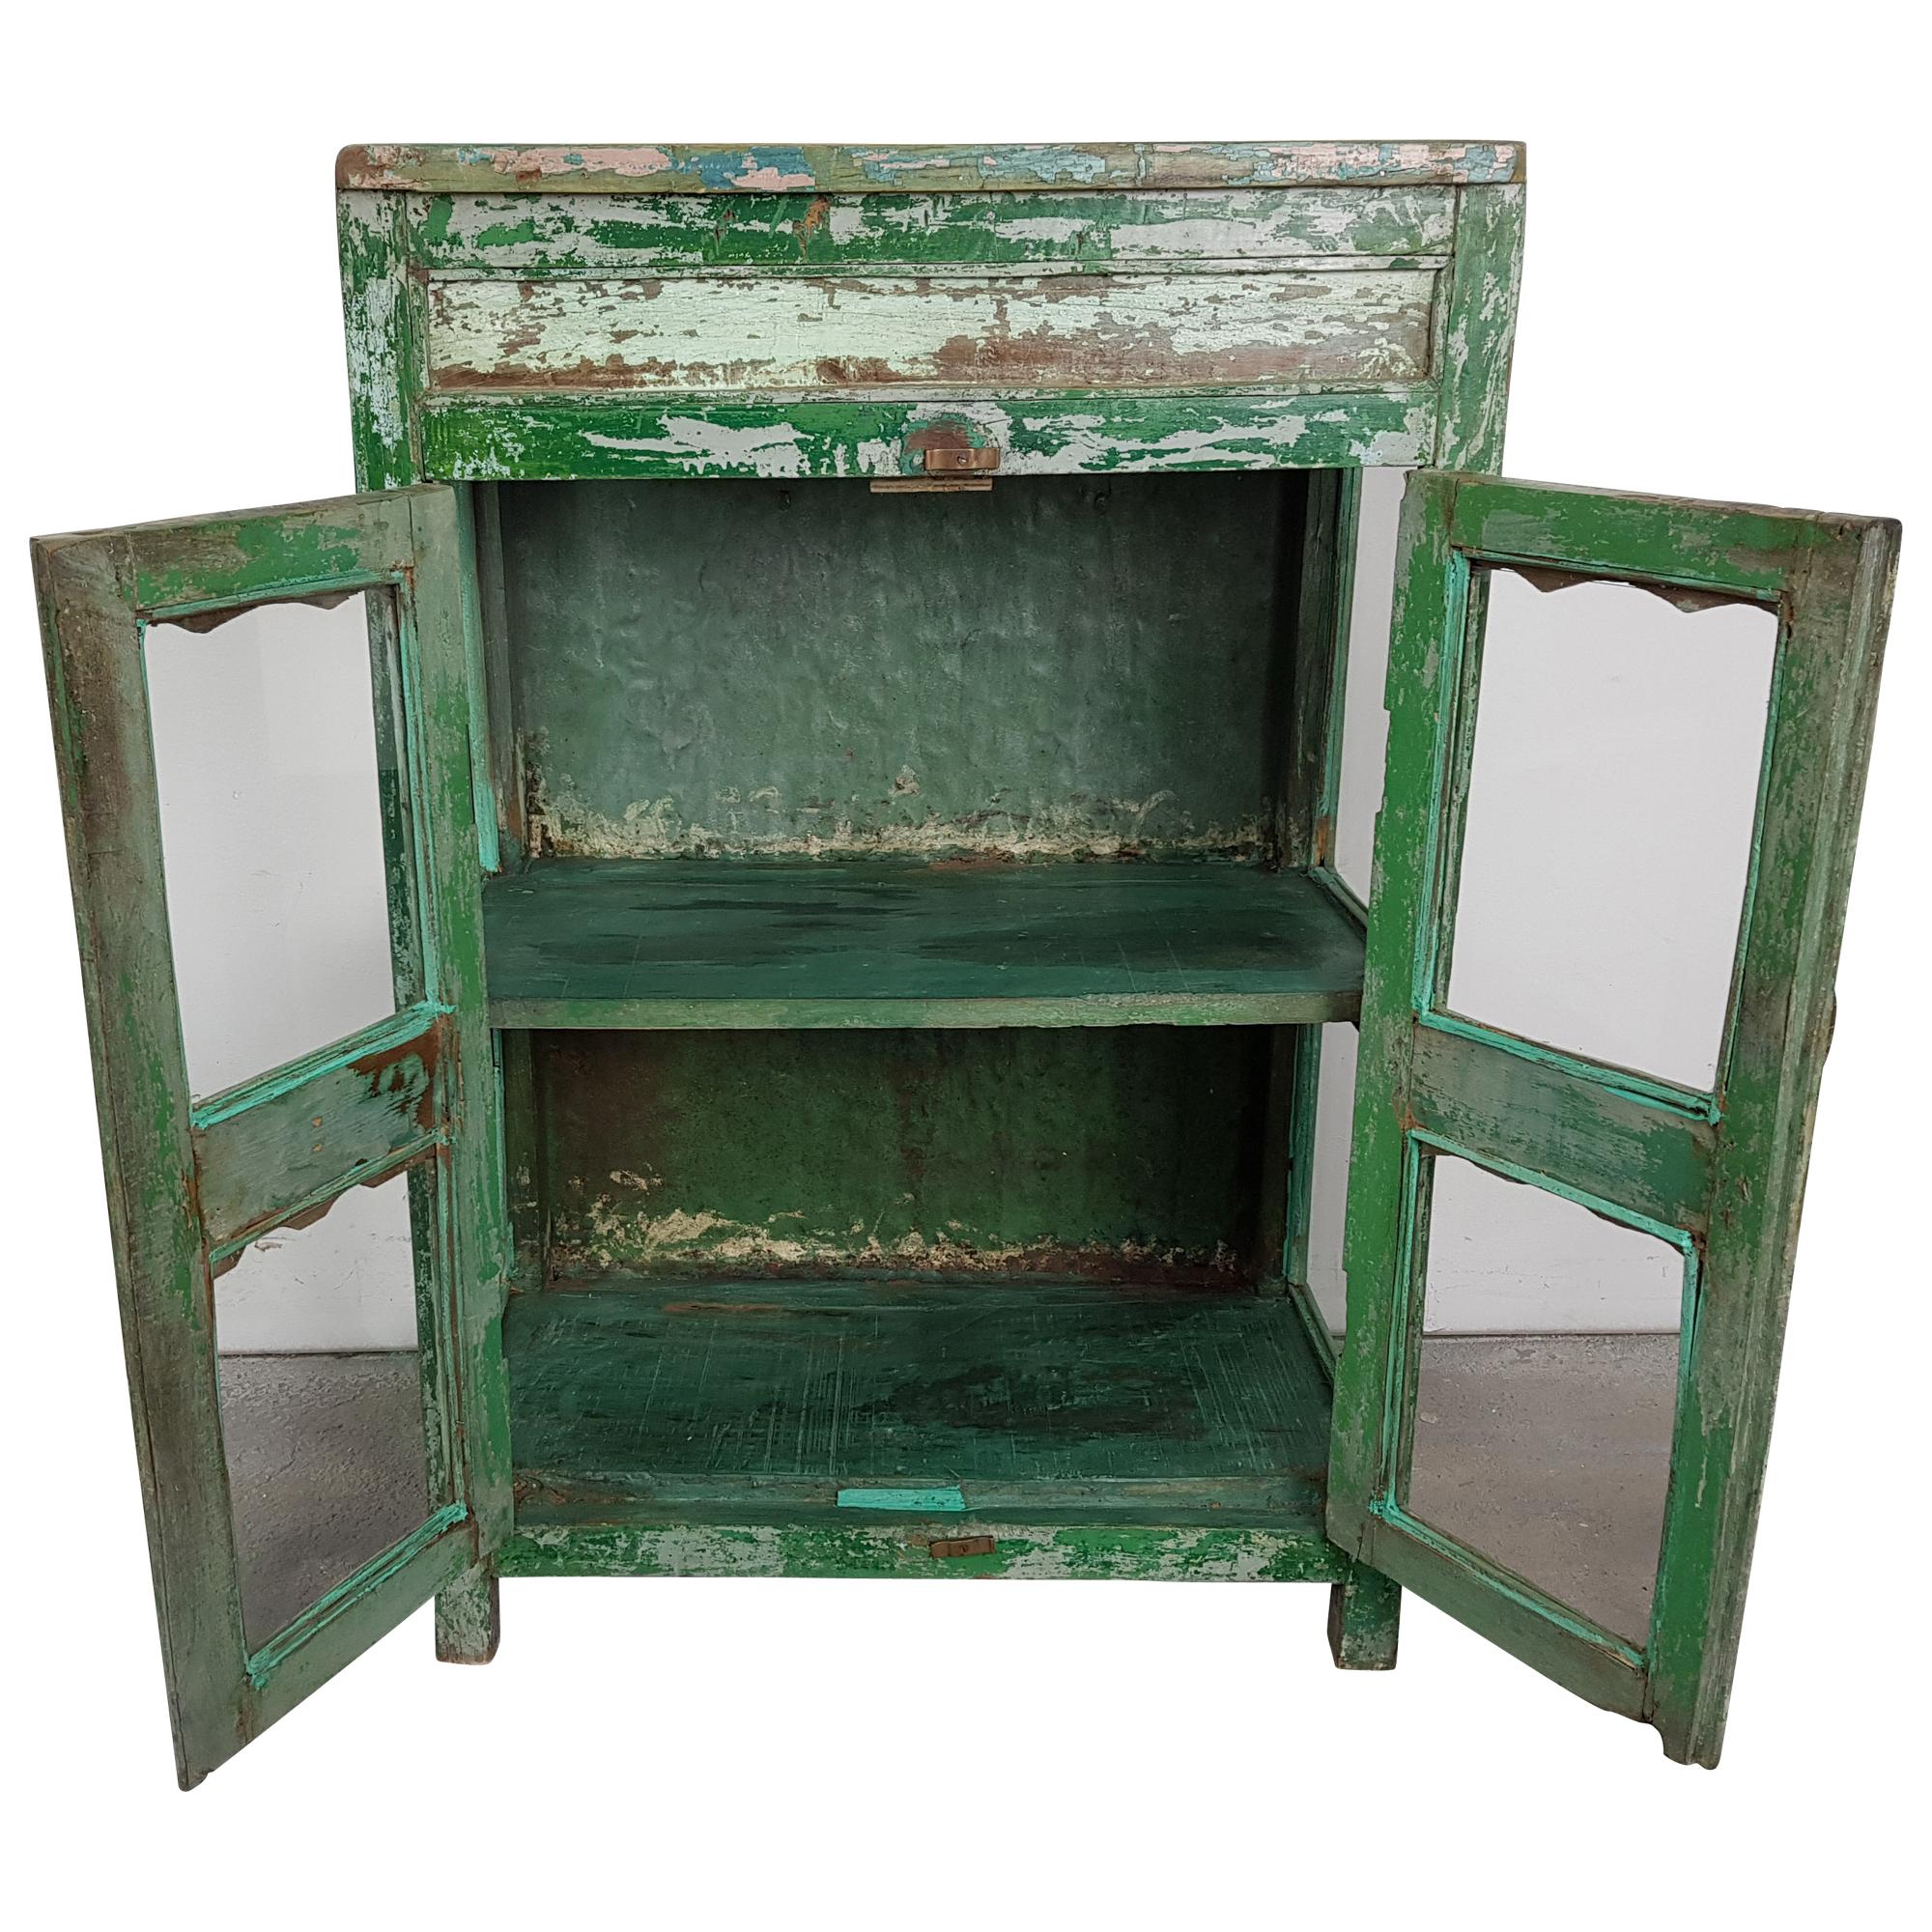 Kommode Grün Vintage 2021